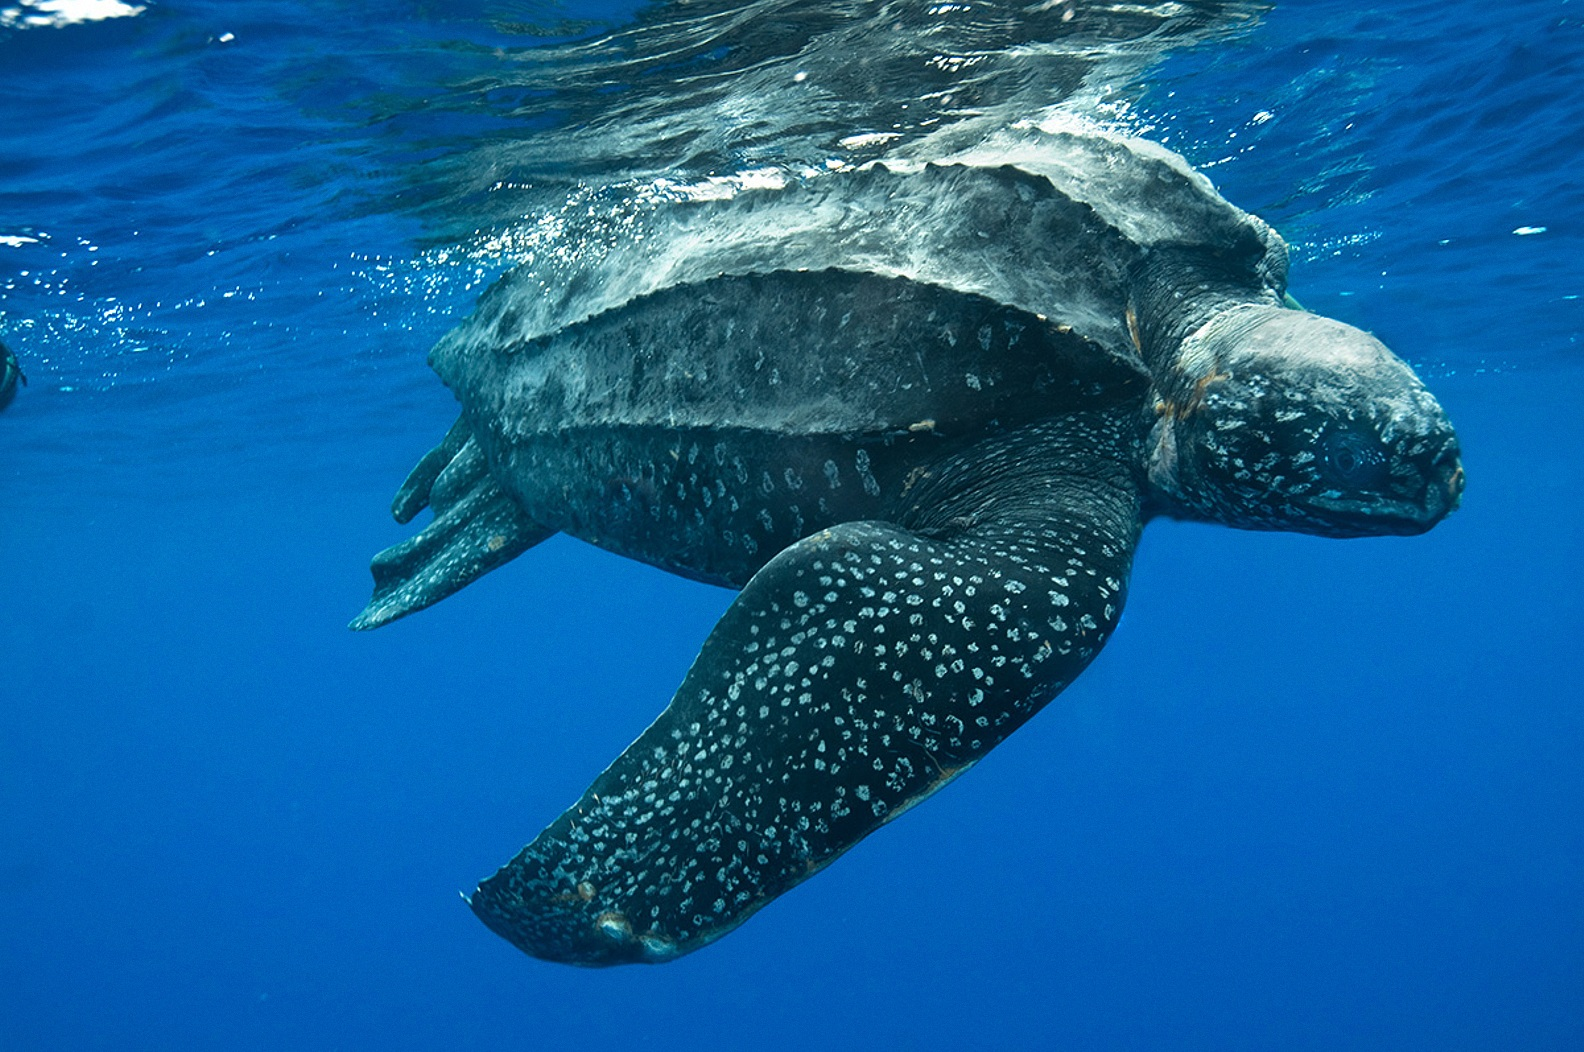 leatherback-sea-turtle-florida-everglades.jpg